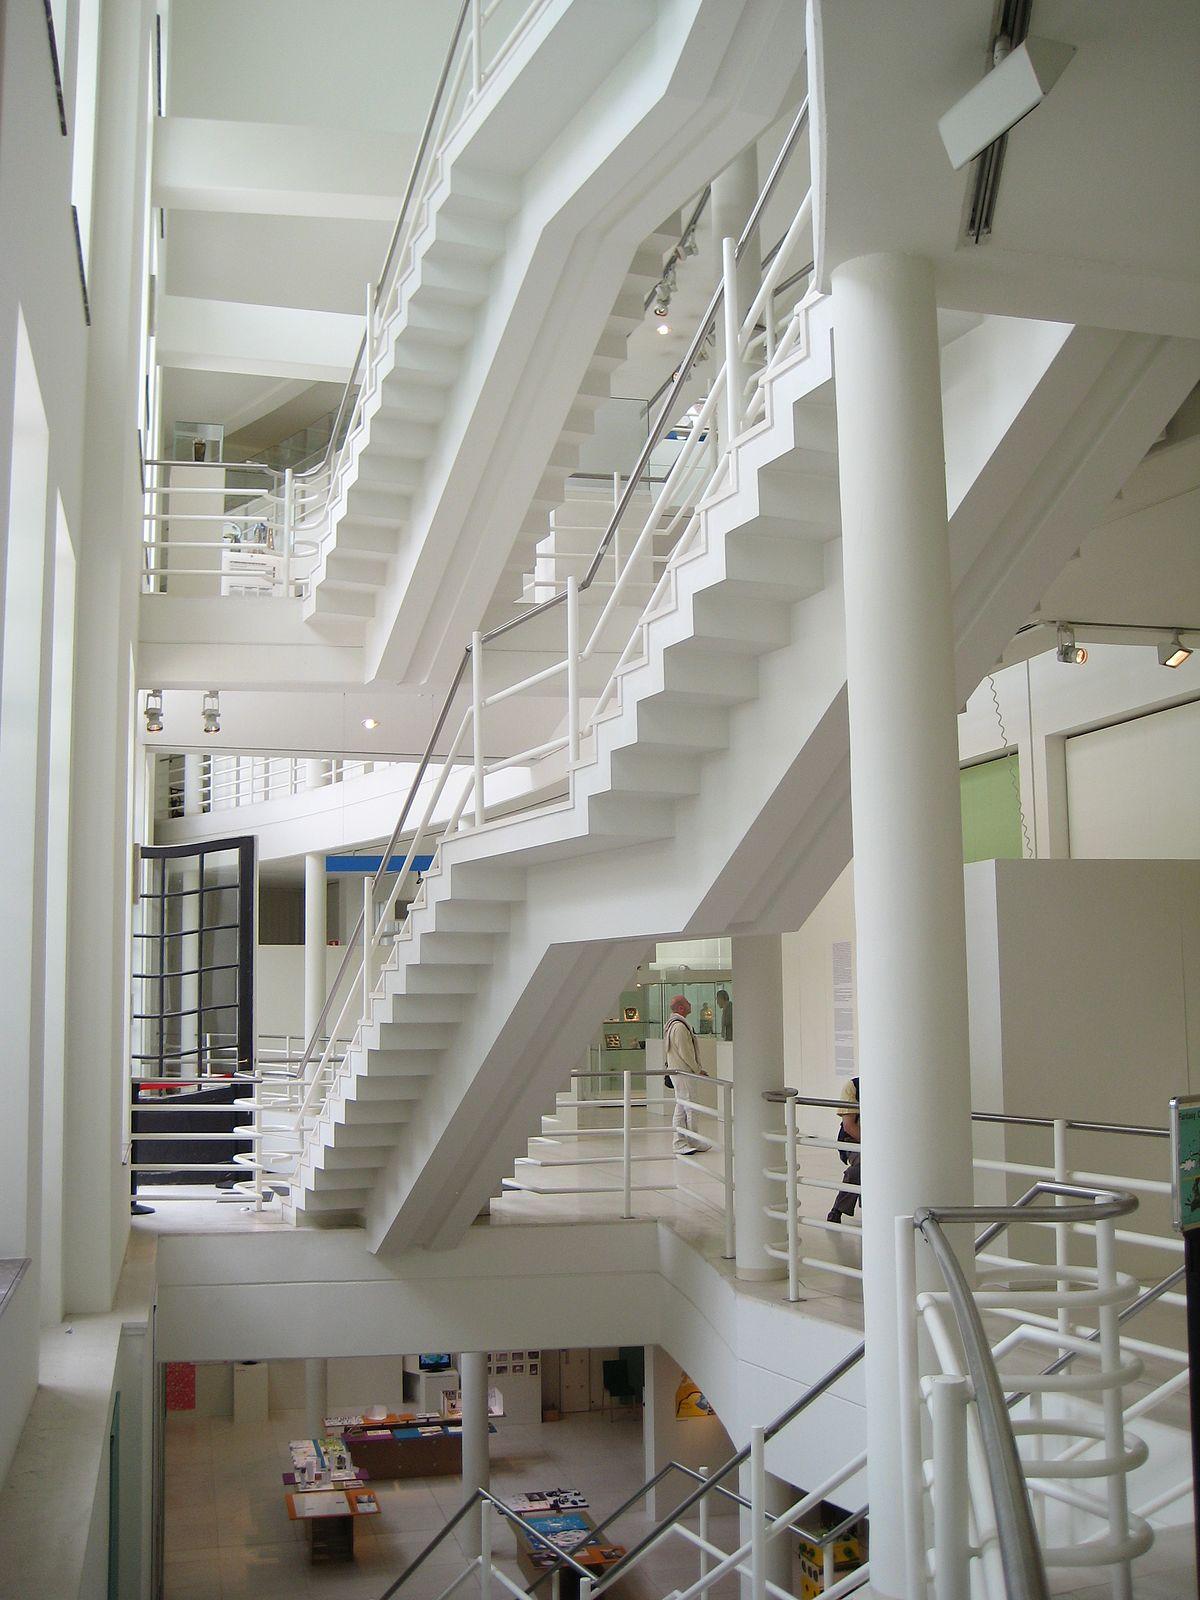 Designmuseum gent wikipedia for Gent design